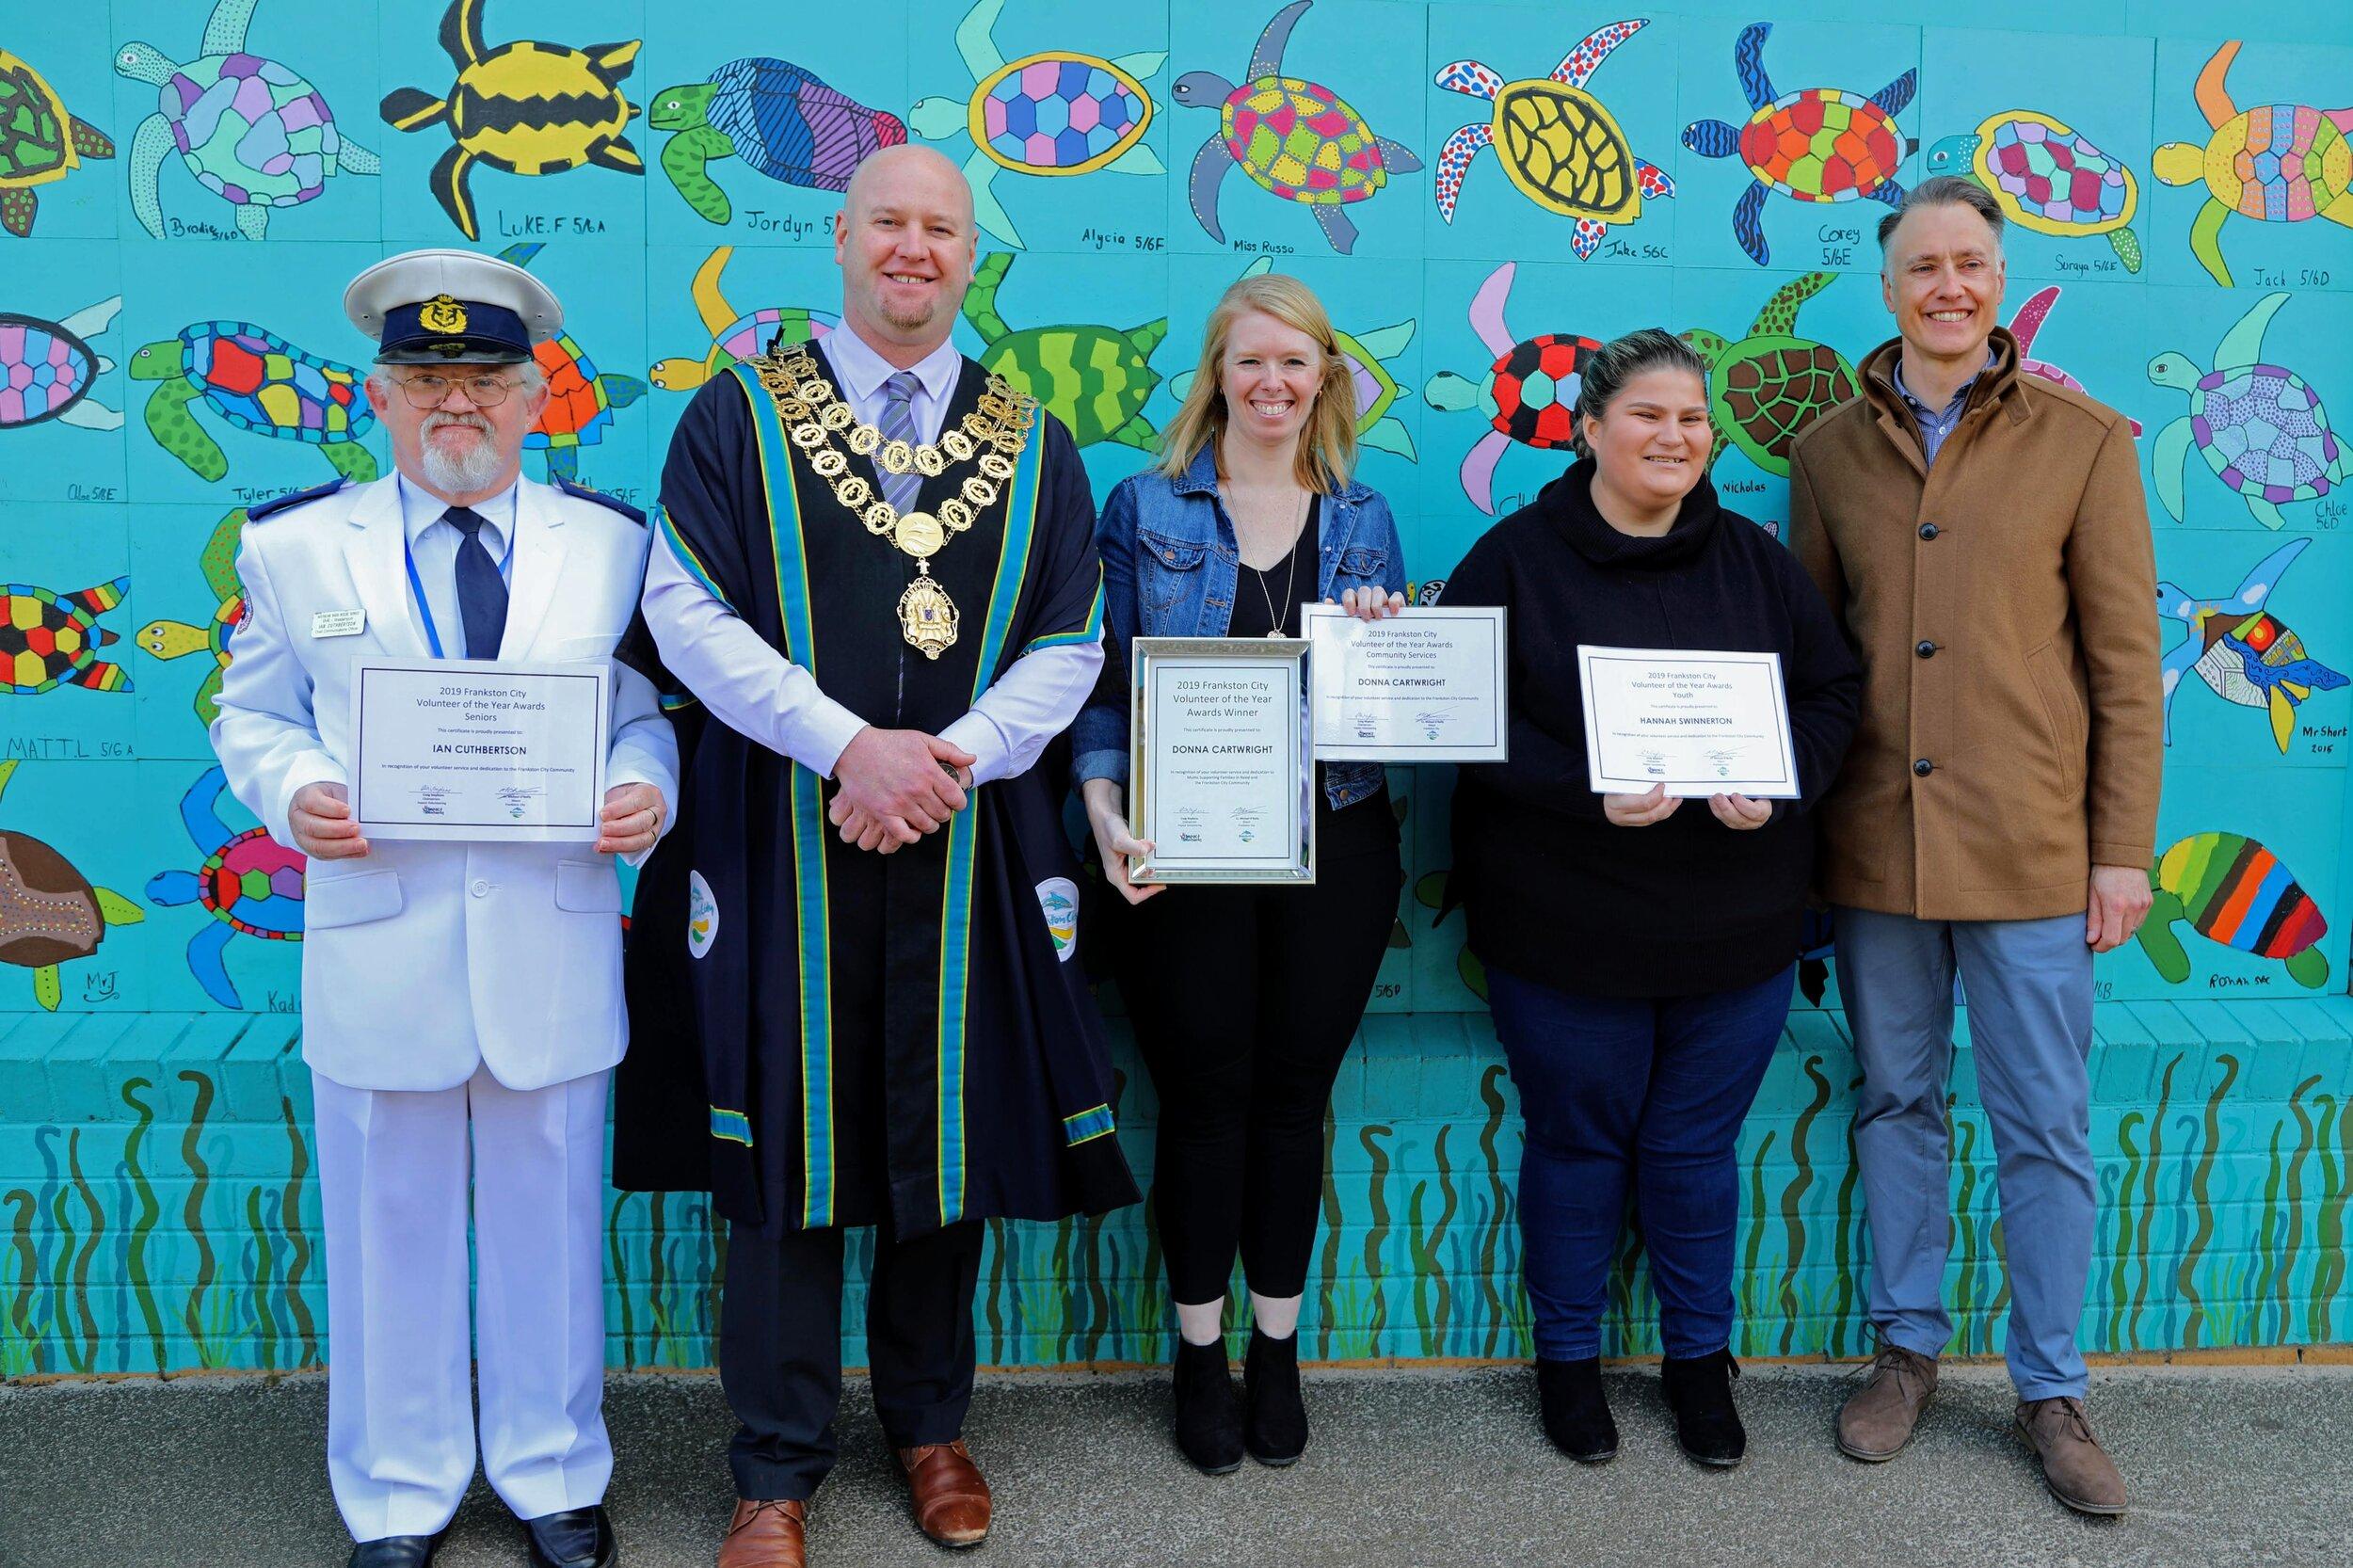 MayorsAwards2019_135.jpg